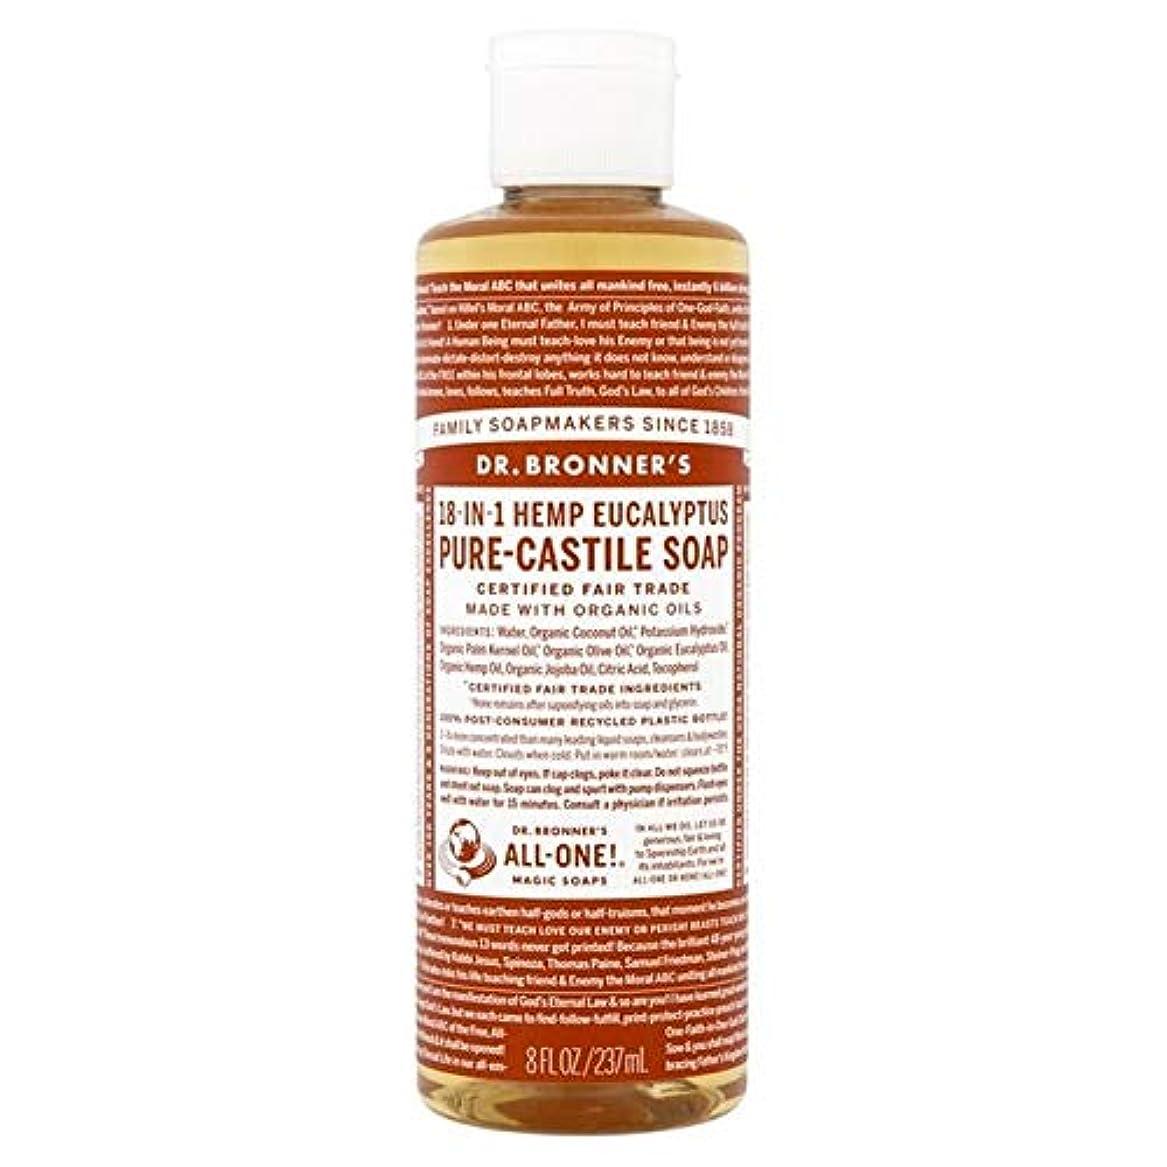 ロック部分的にモトリー[Dr Bronner] Dr。ブロナーズ有機ユーカリの純粋な-カスティーリャ液体石鹸237ミリリットル - Dr. Bronner's Organic Eucalyptus Pure-Castile Liquid Soap 237ml [並行輸入品]